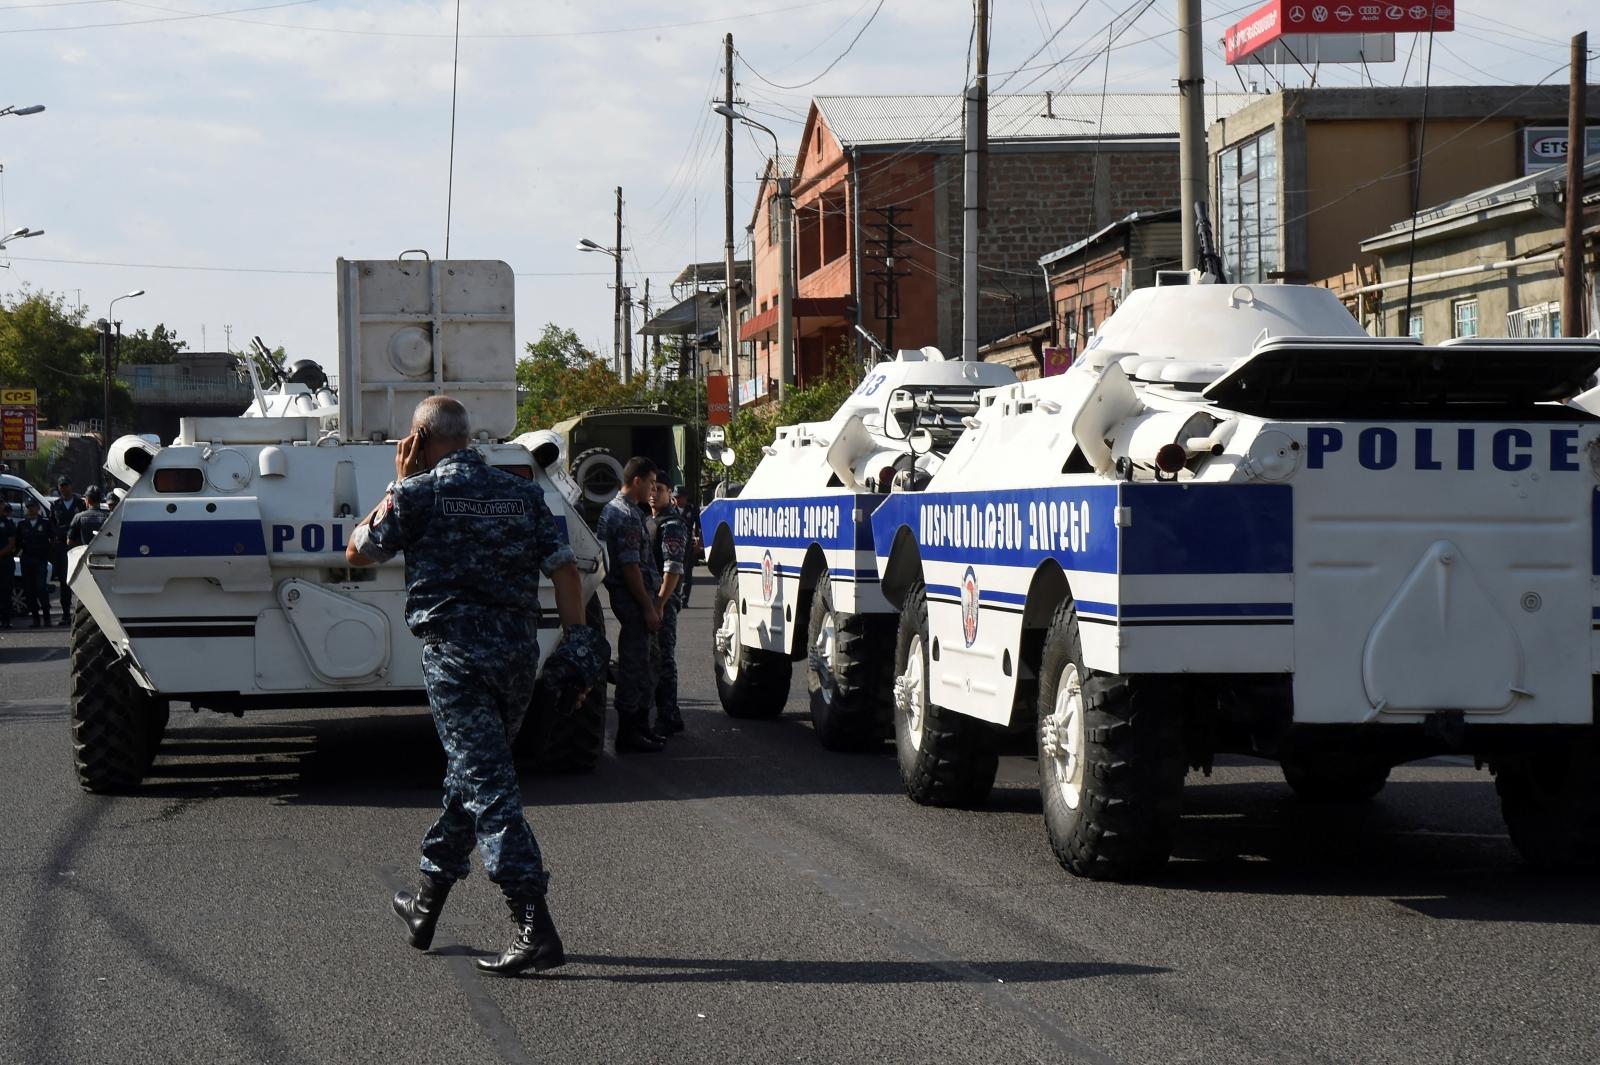 Yeravan Armenia Hostage Situation